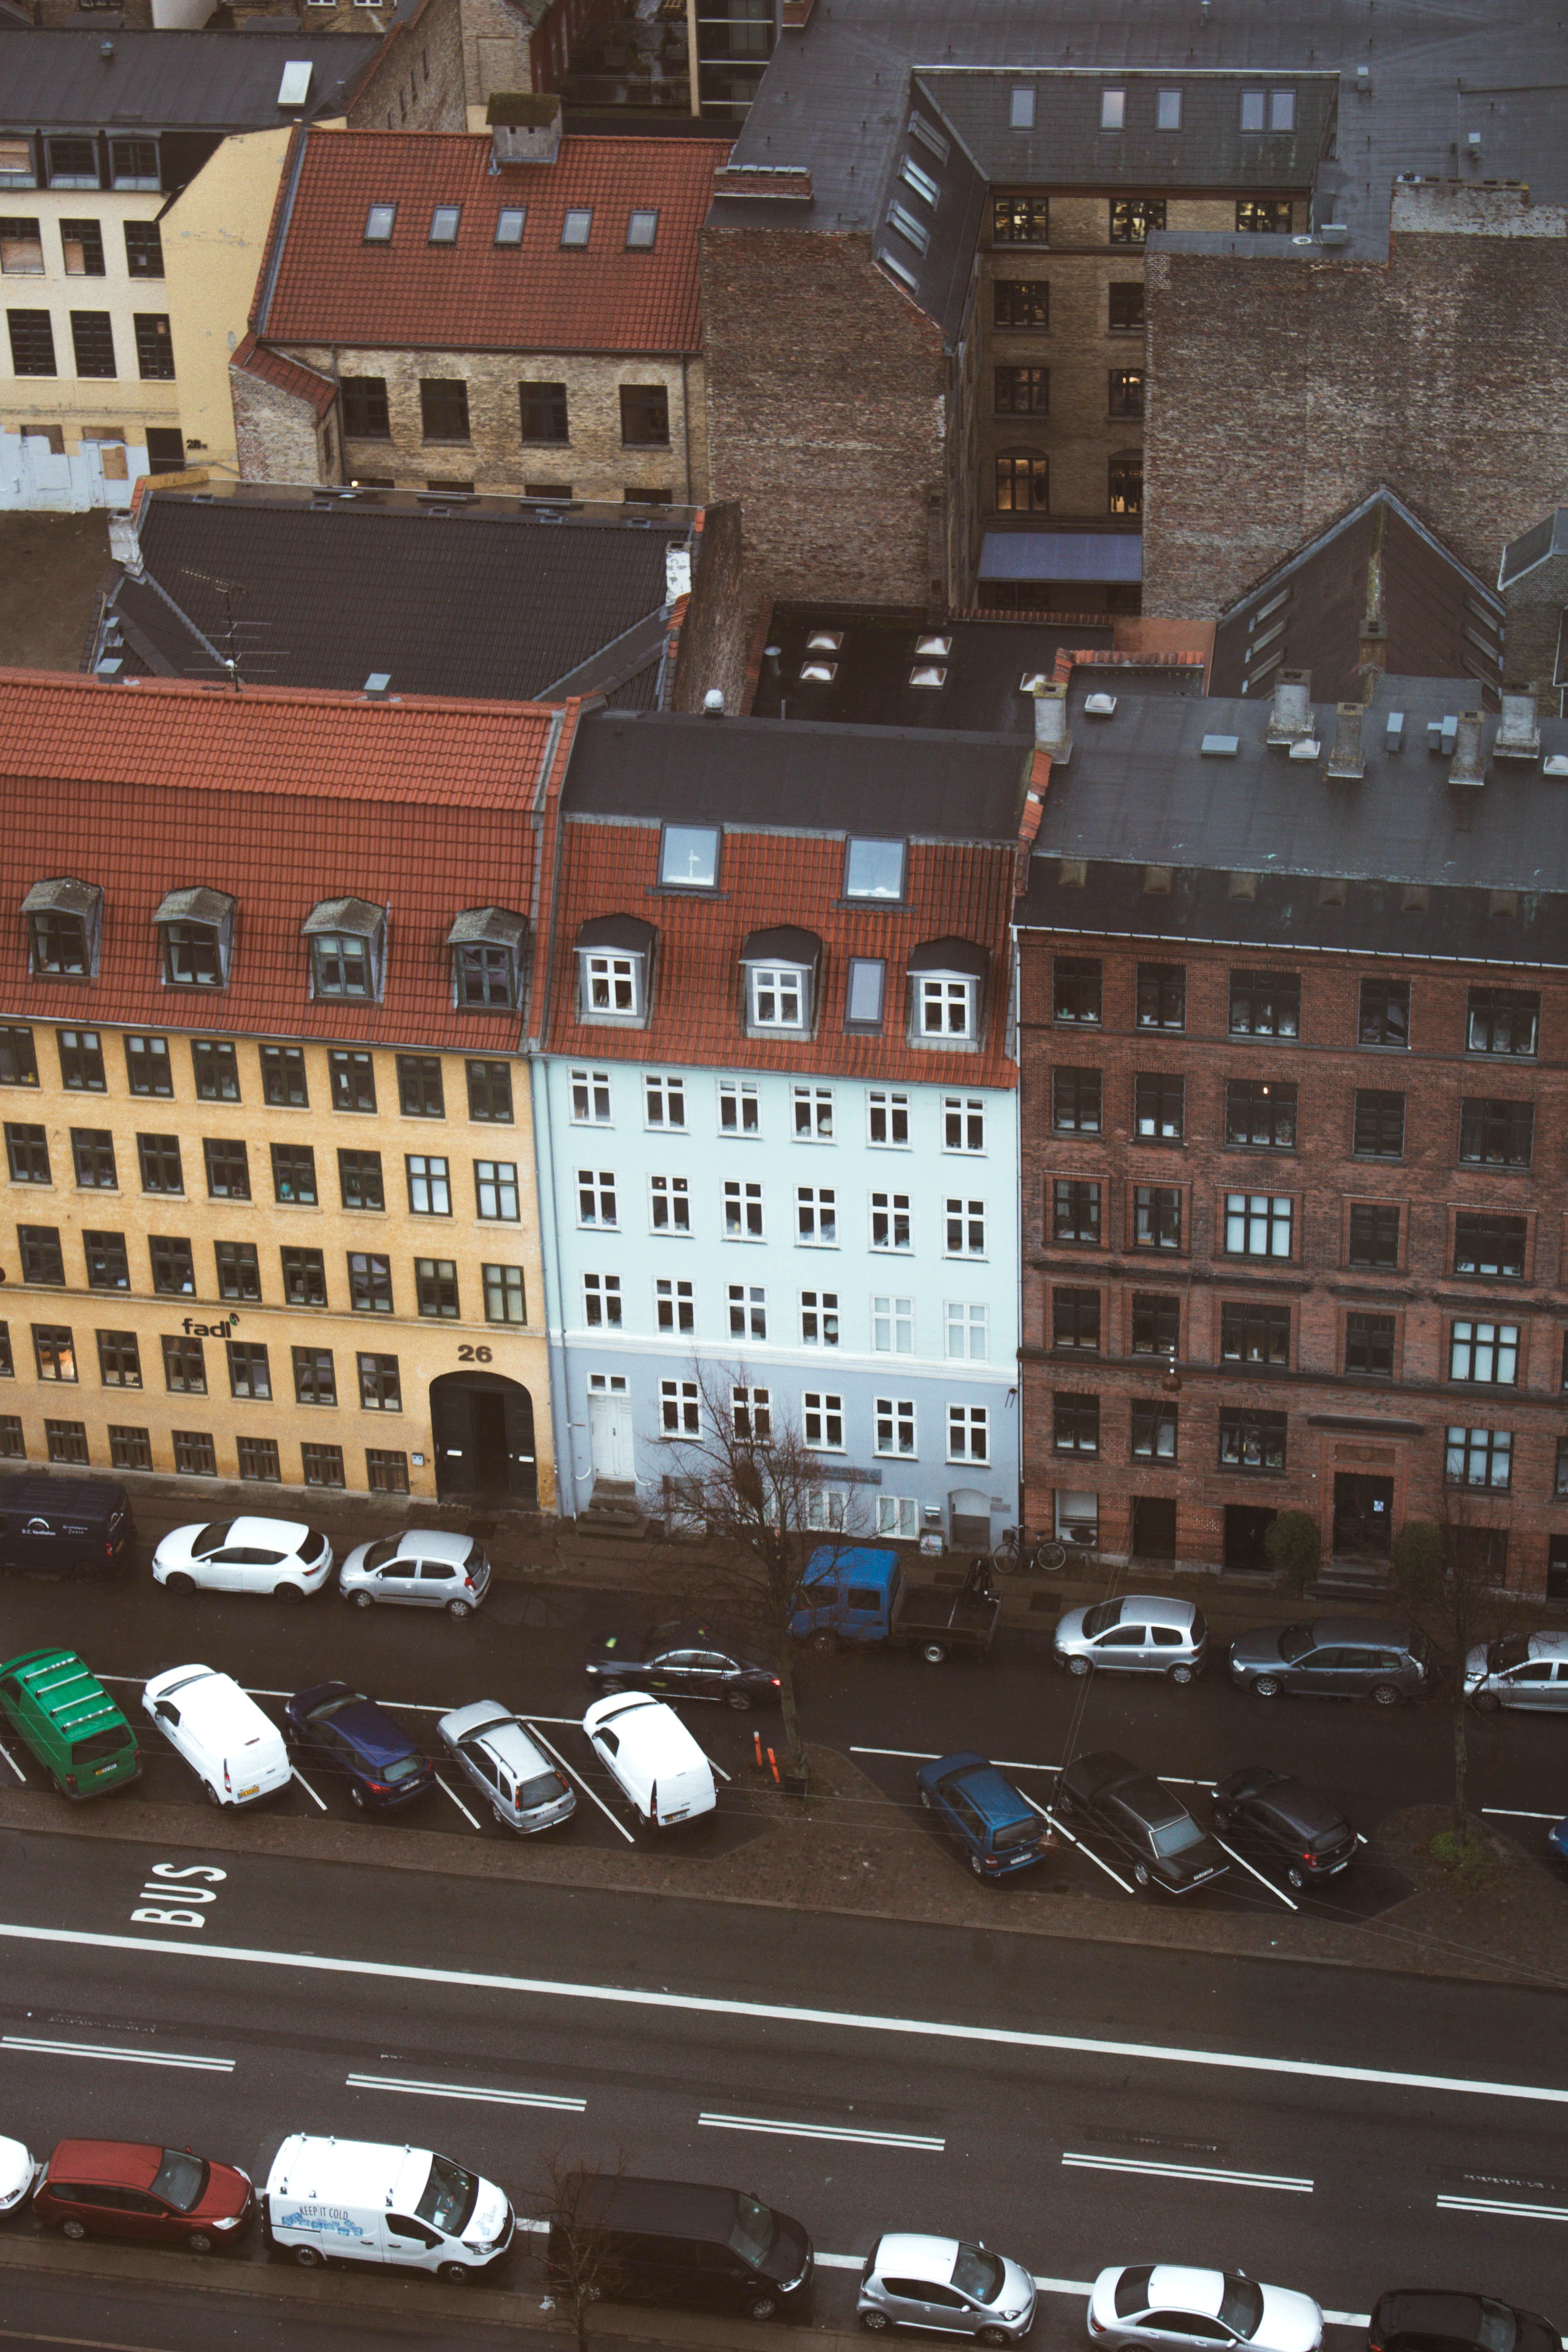 m%C3%A6rsk+tower+copenhagen+viewing+platform